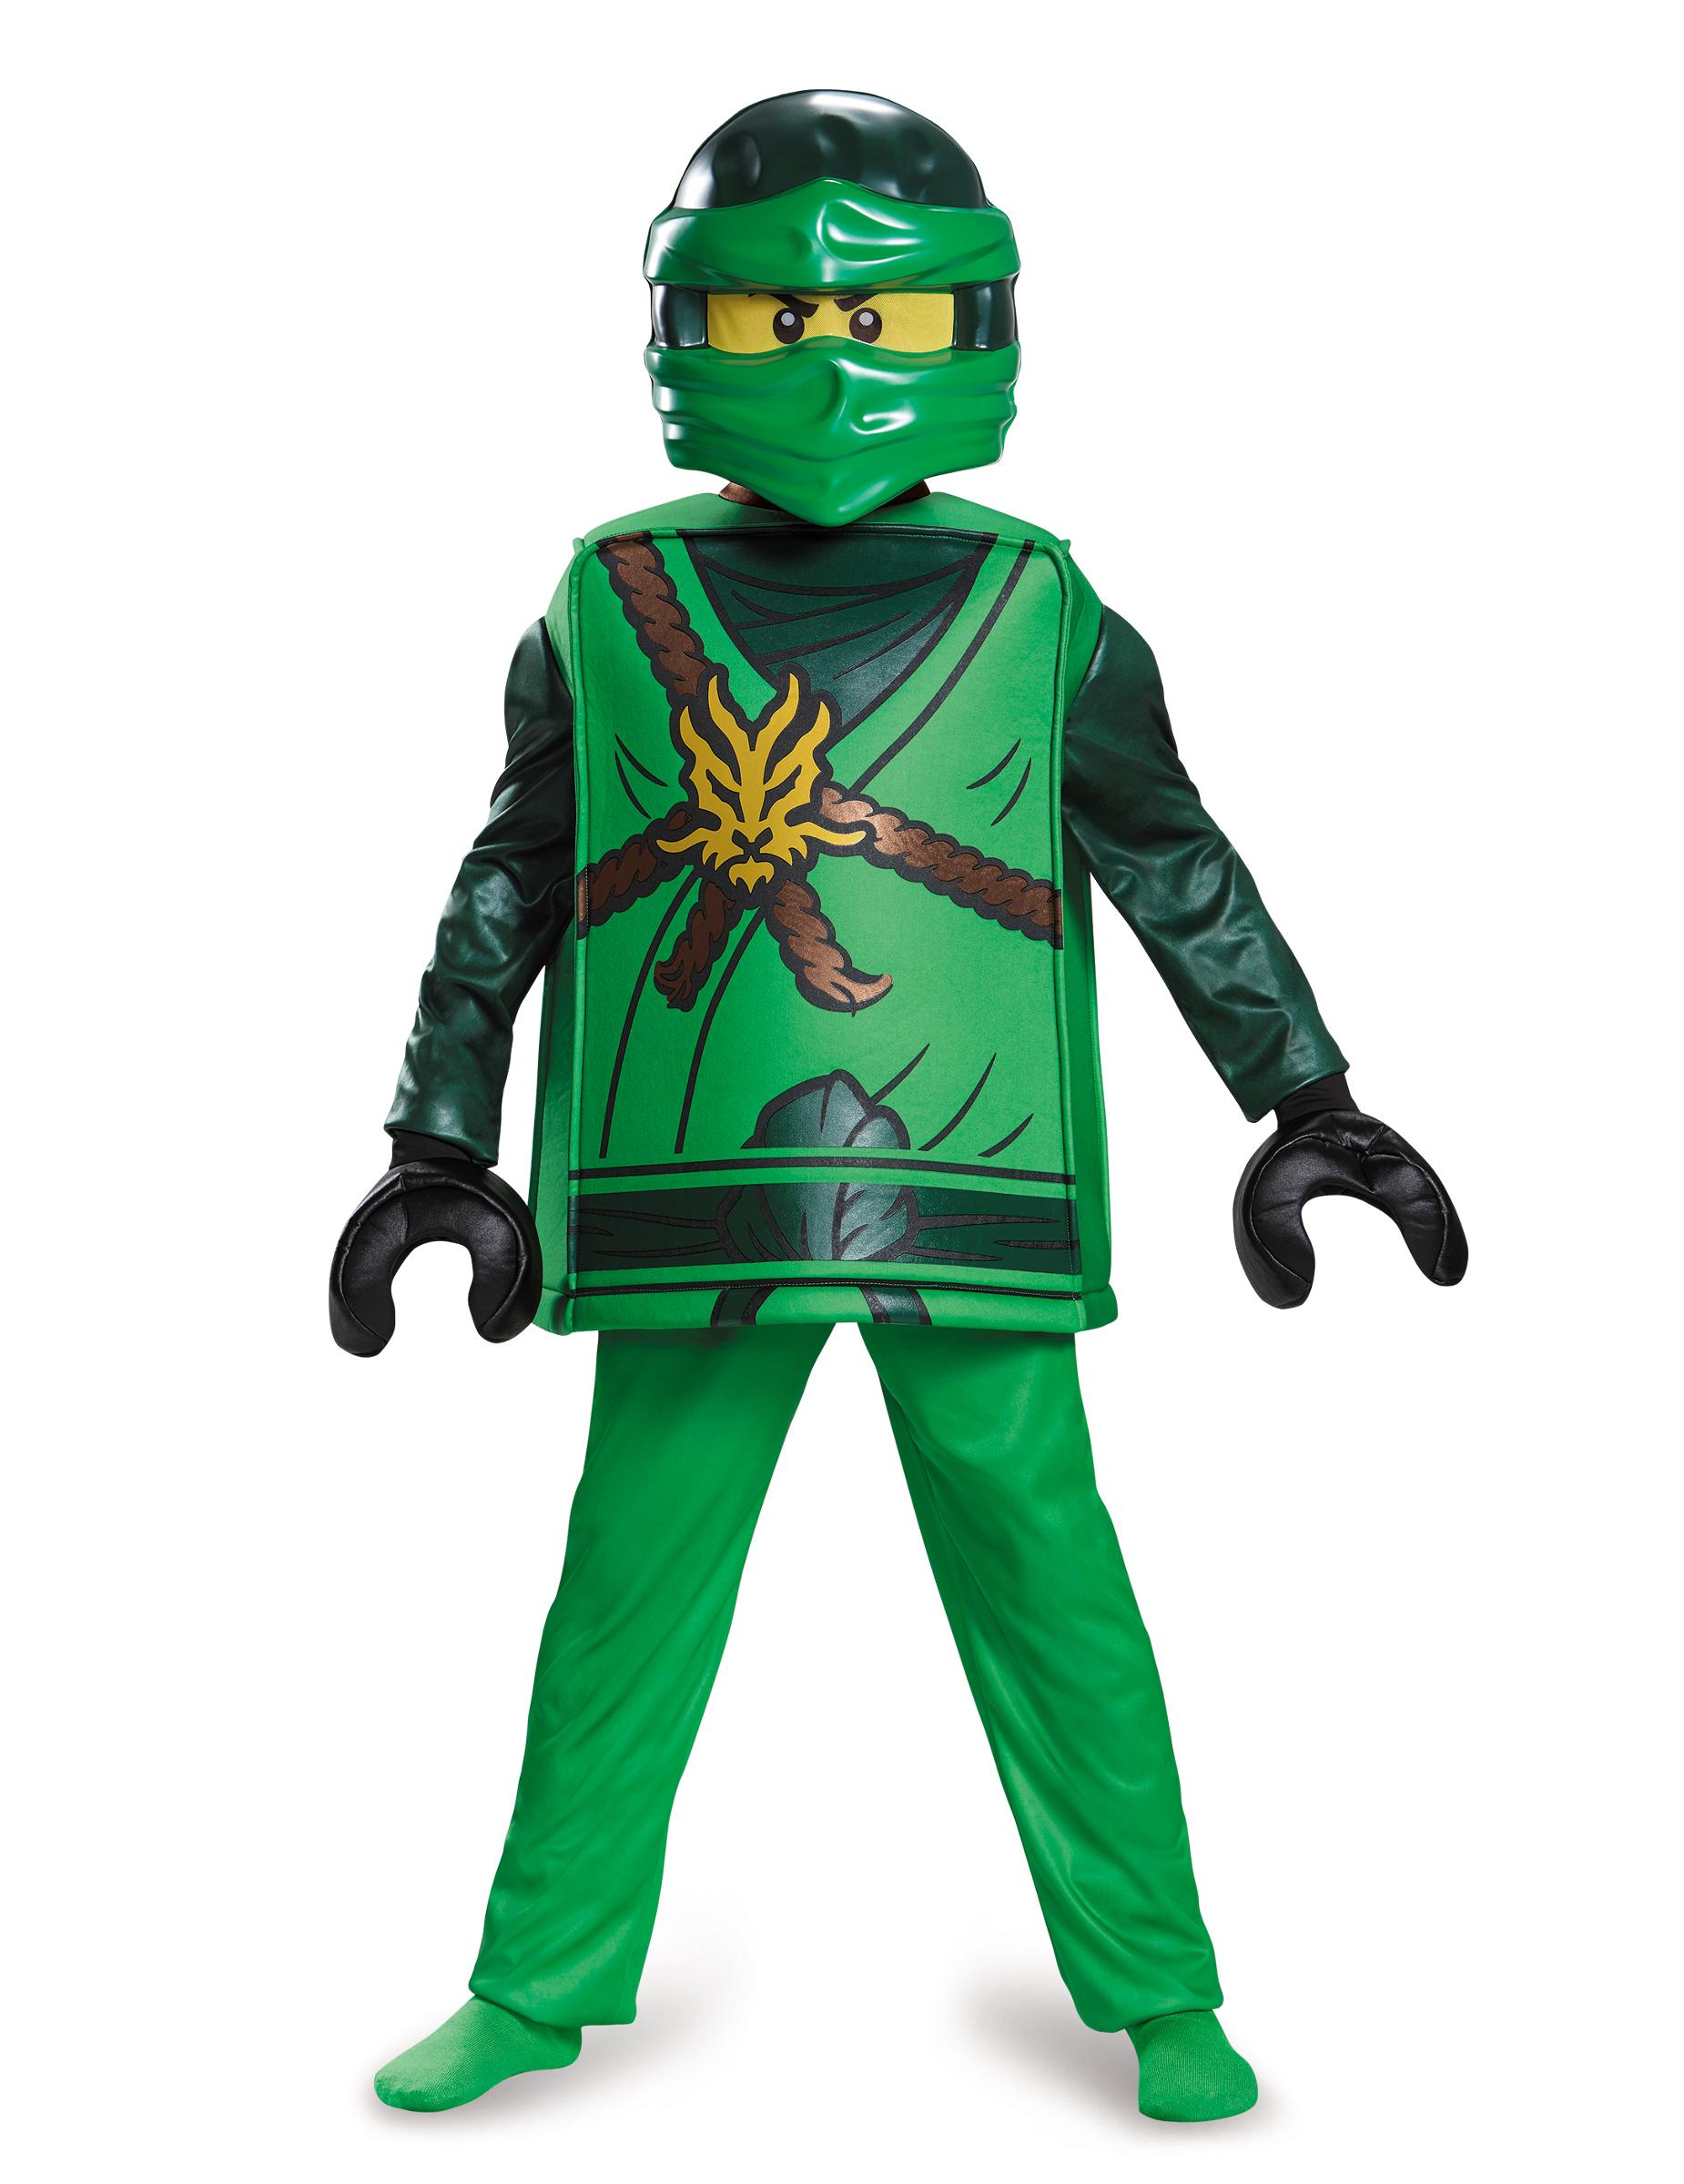 Kostym deluxe Lloyd Ninjago®- LEGO® barn-1 8b12c5cbeff6a